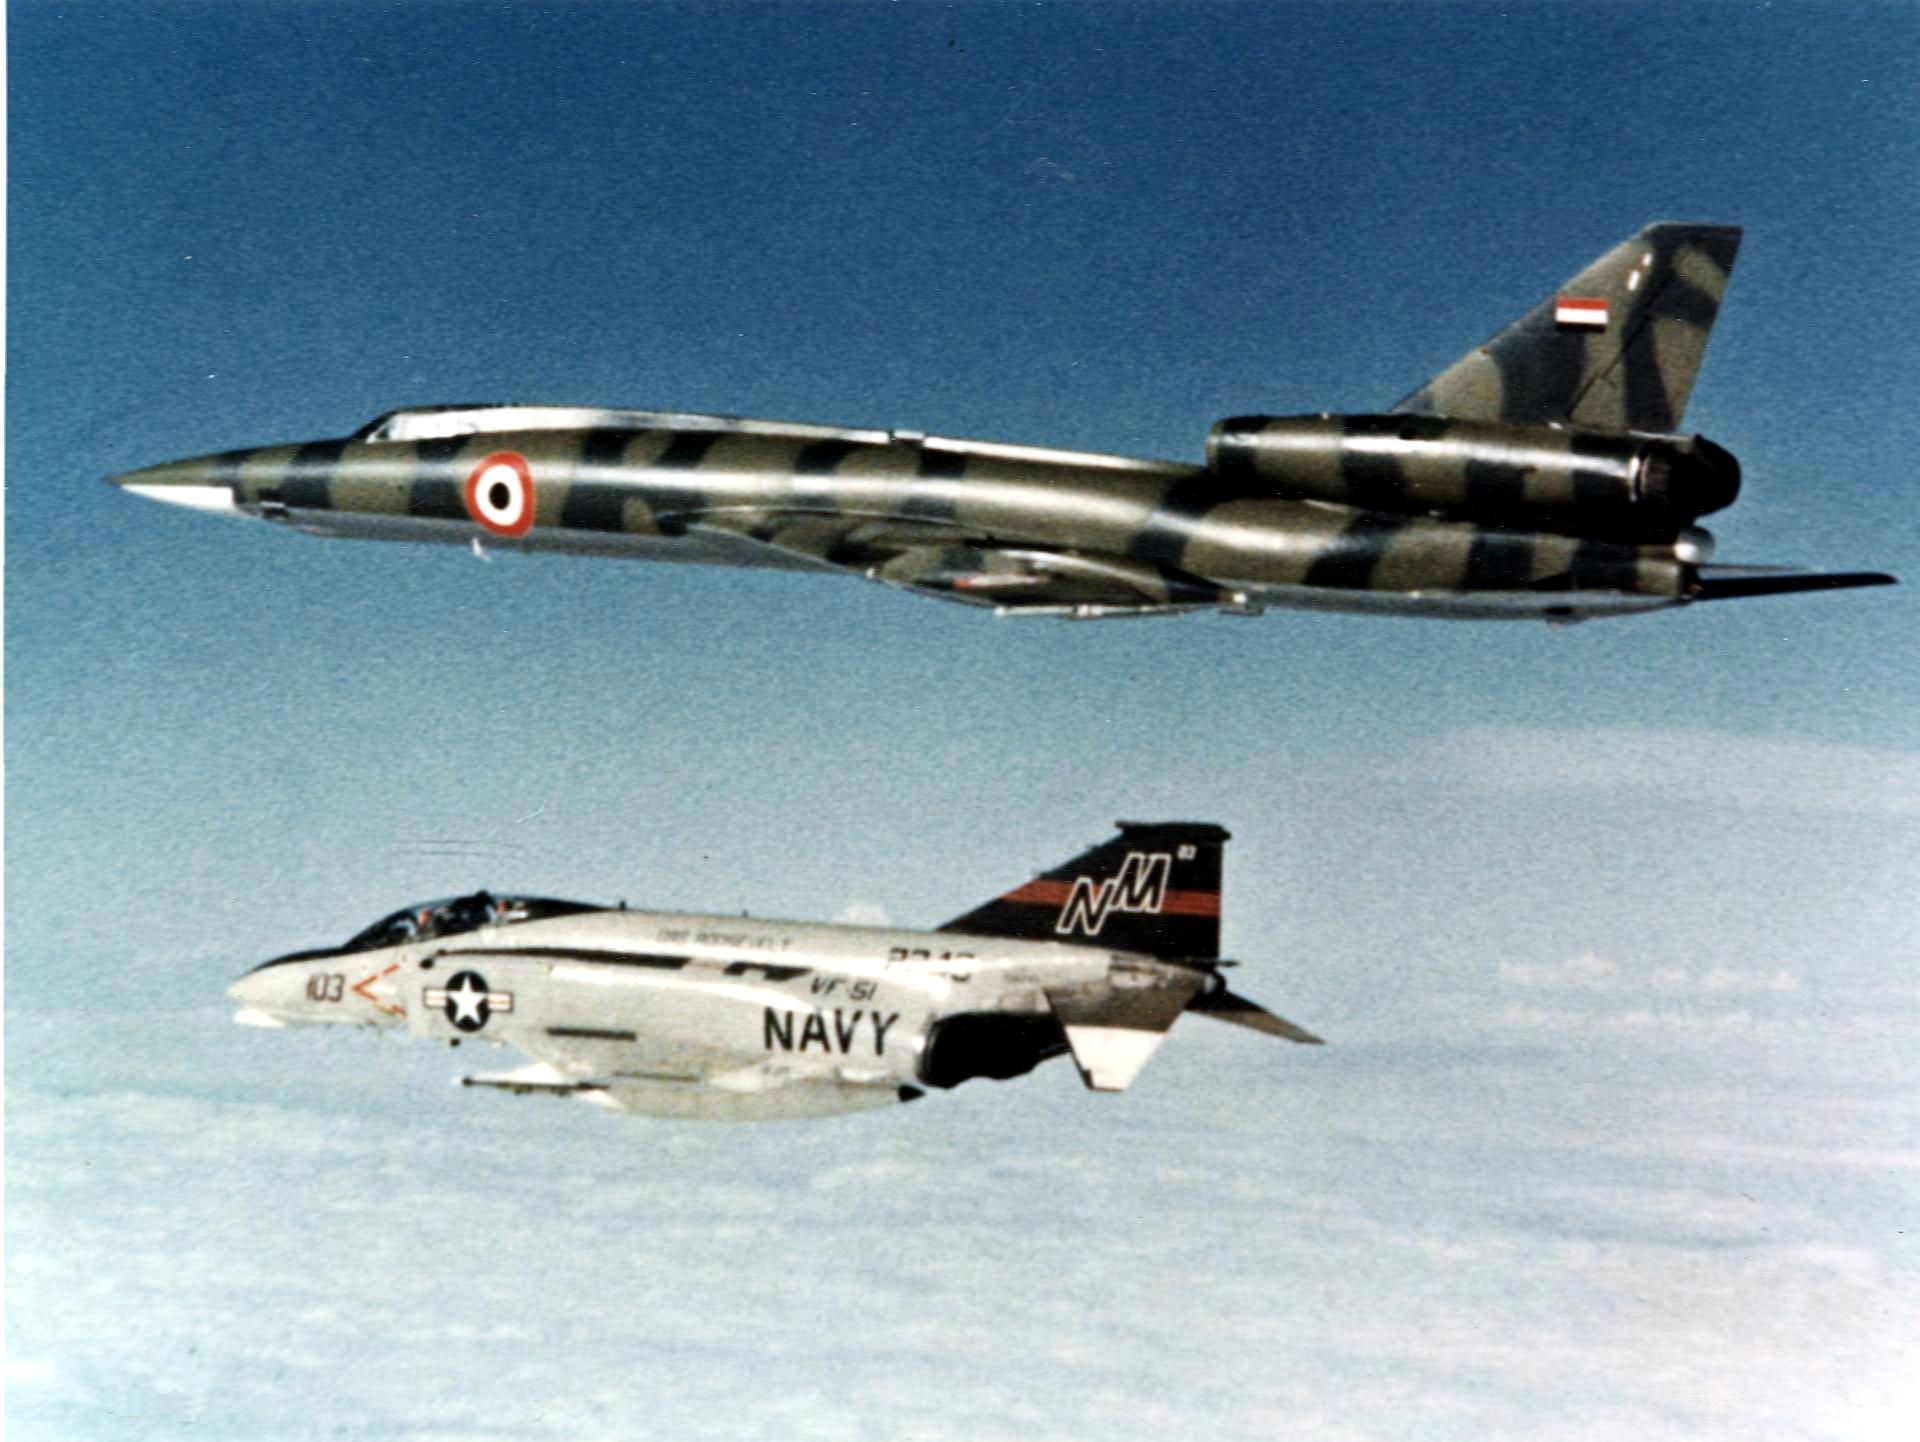 Un F-4N norteamericano intercepta un Tu-22 Blinder libio en 1977. Fuente: Wikipedia